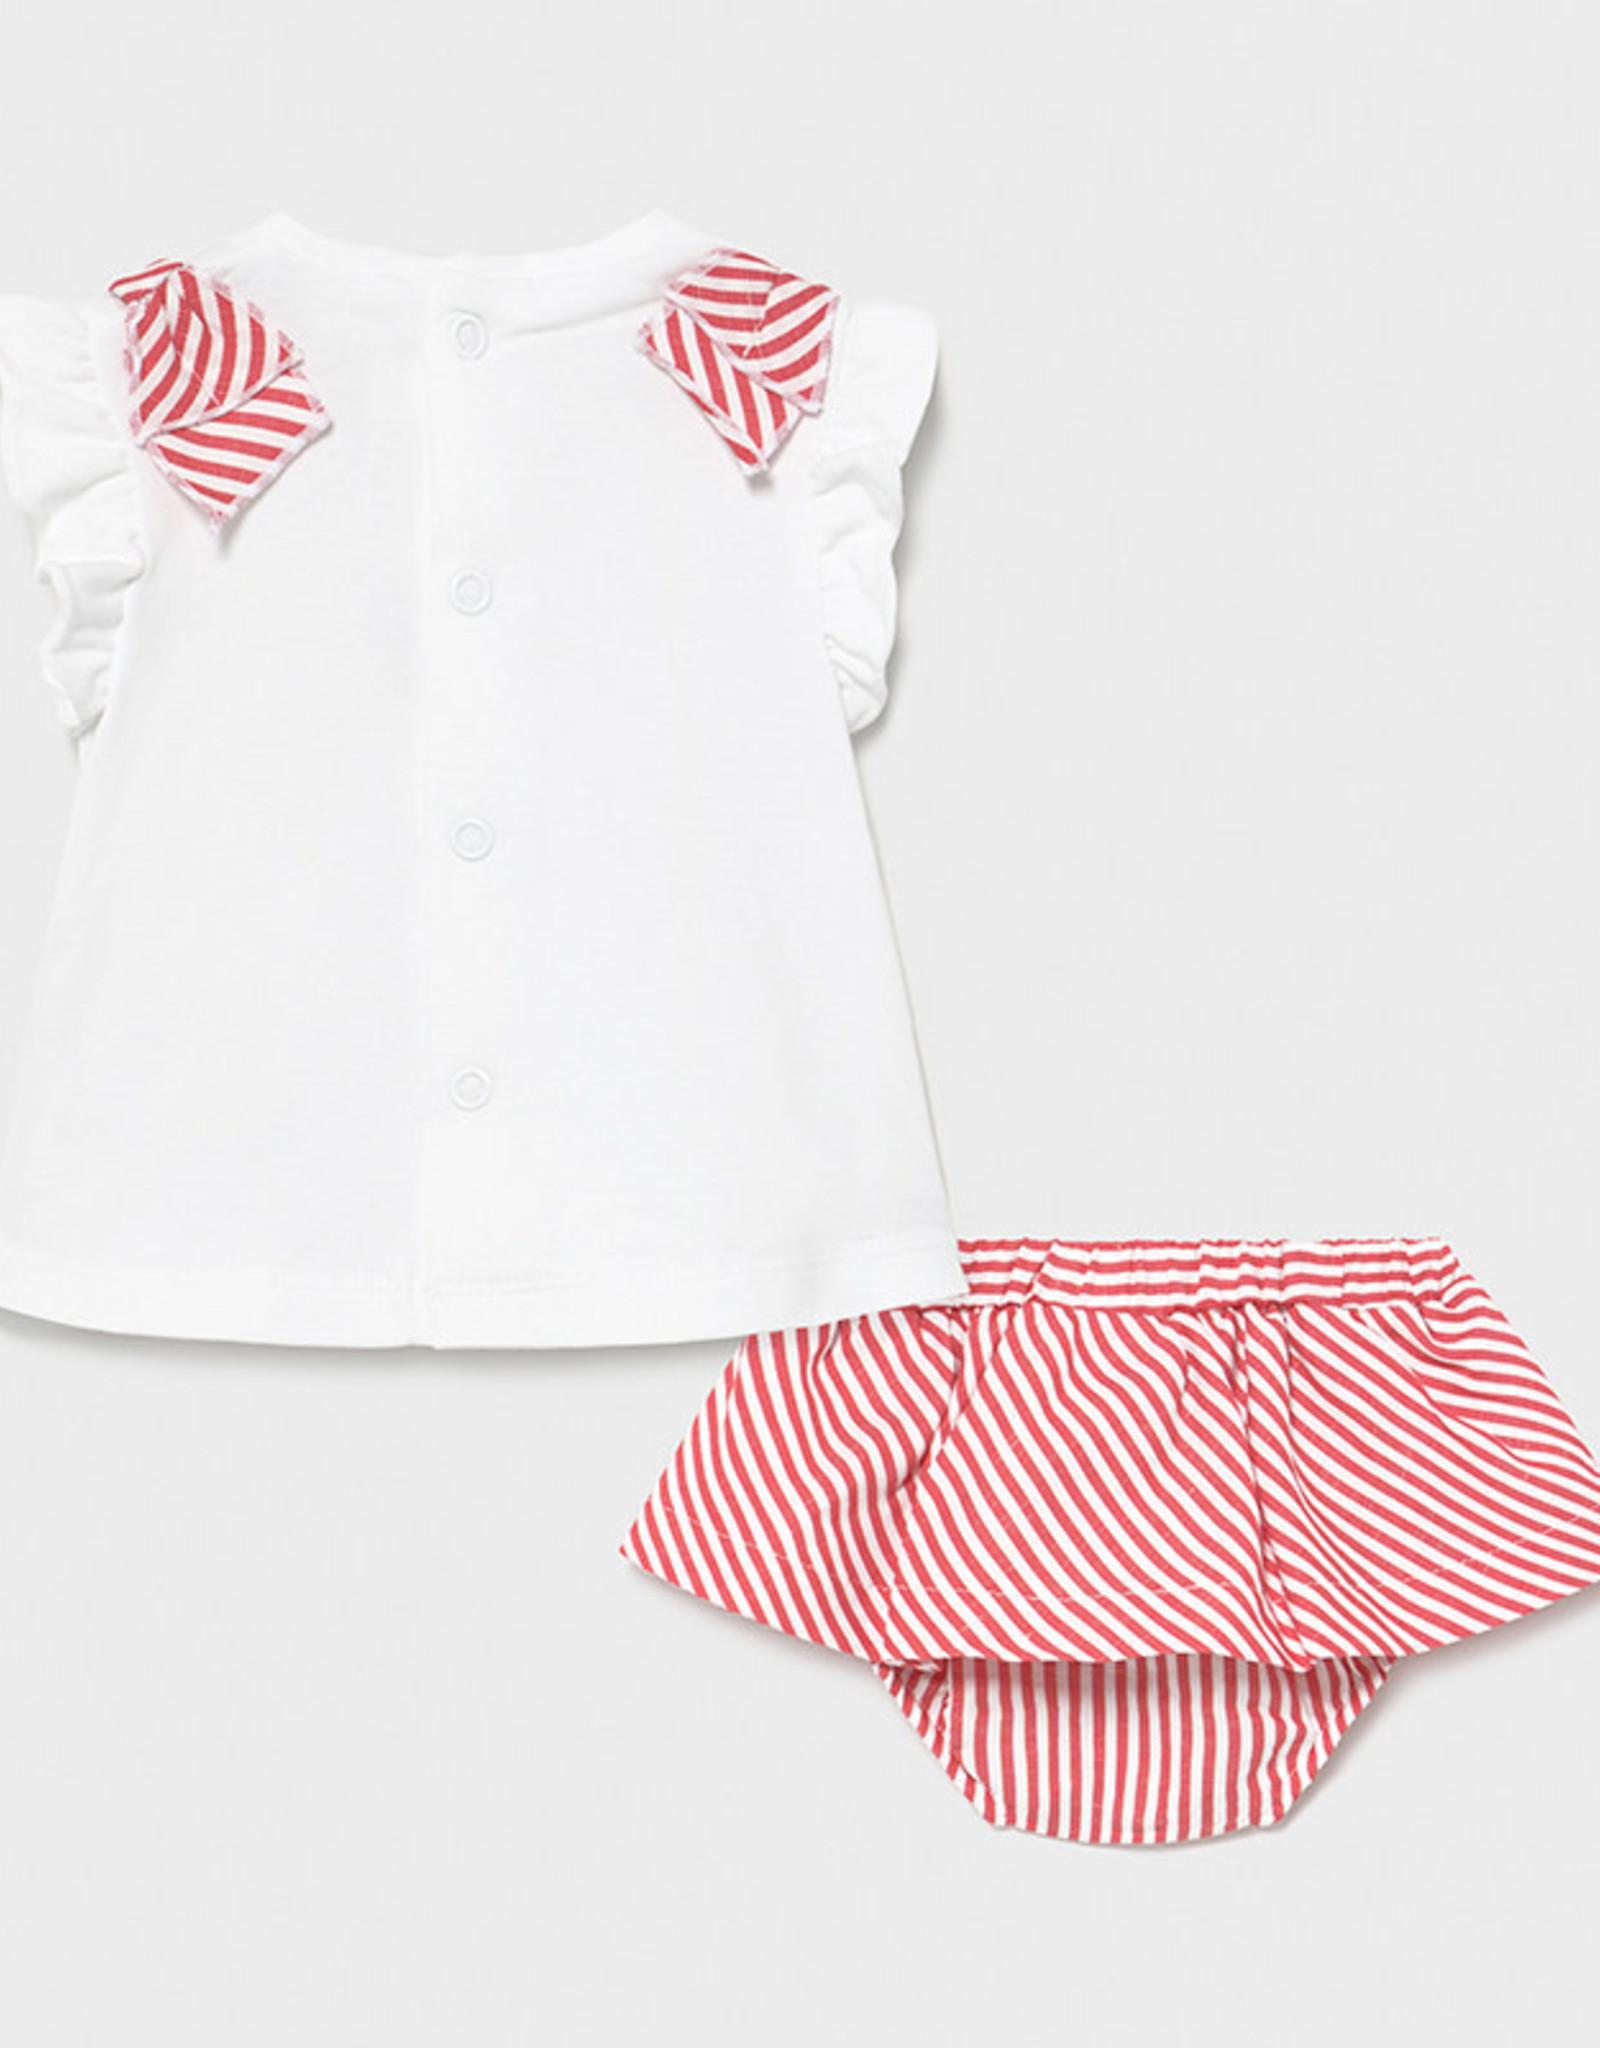 Ecofriends Skirt Set